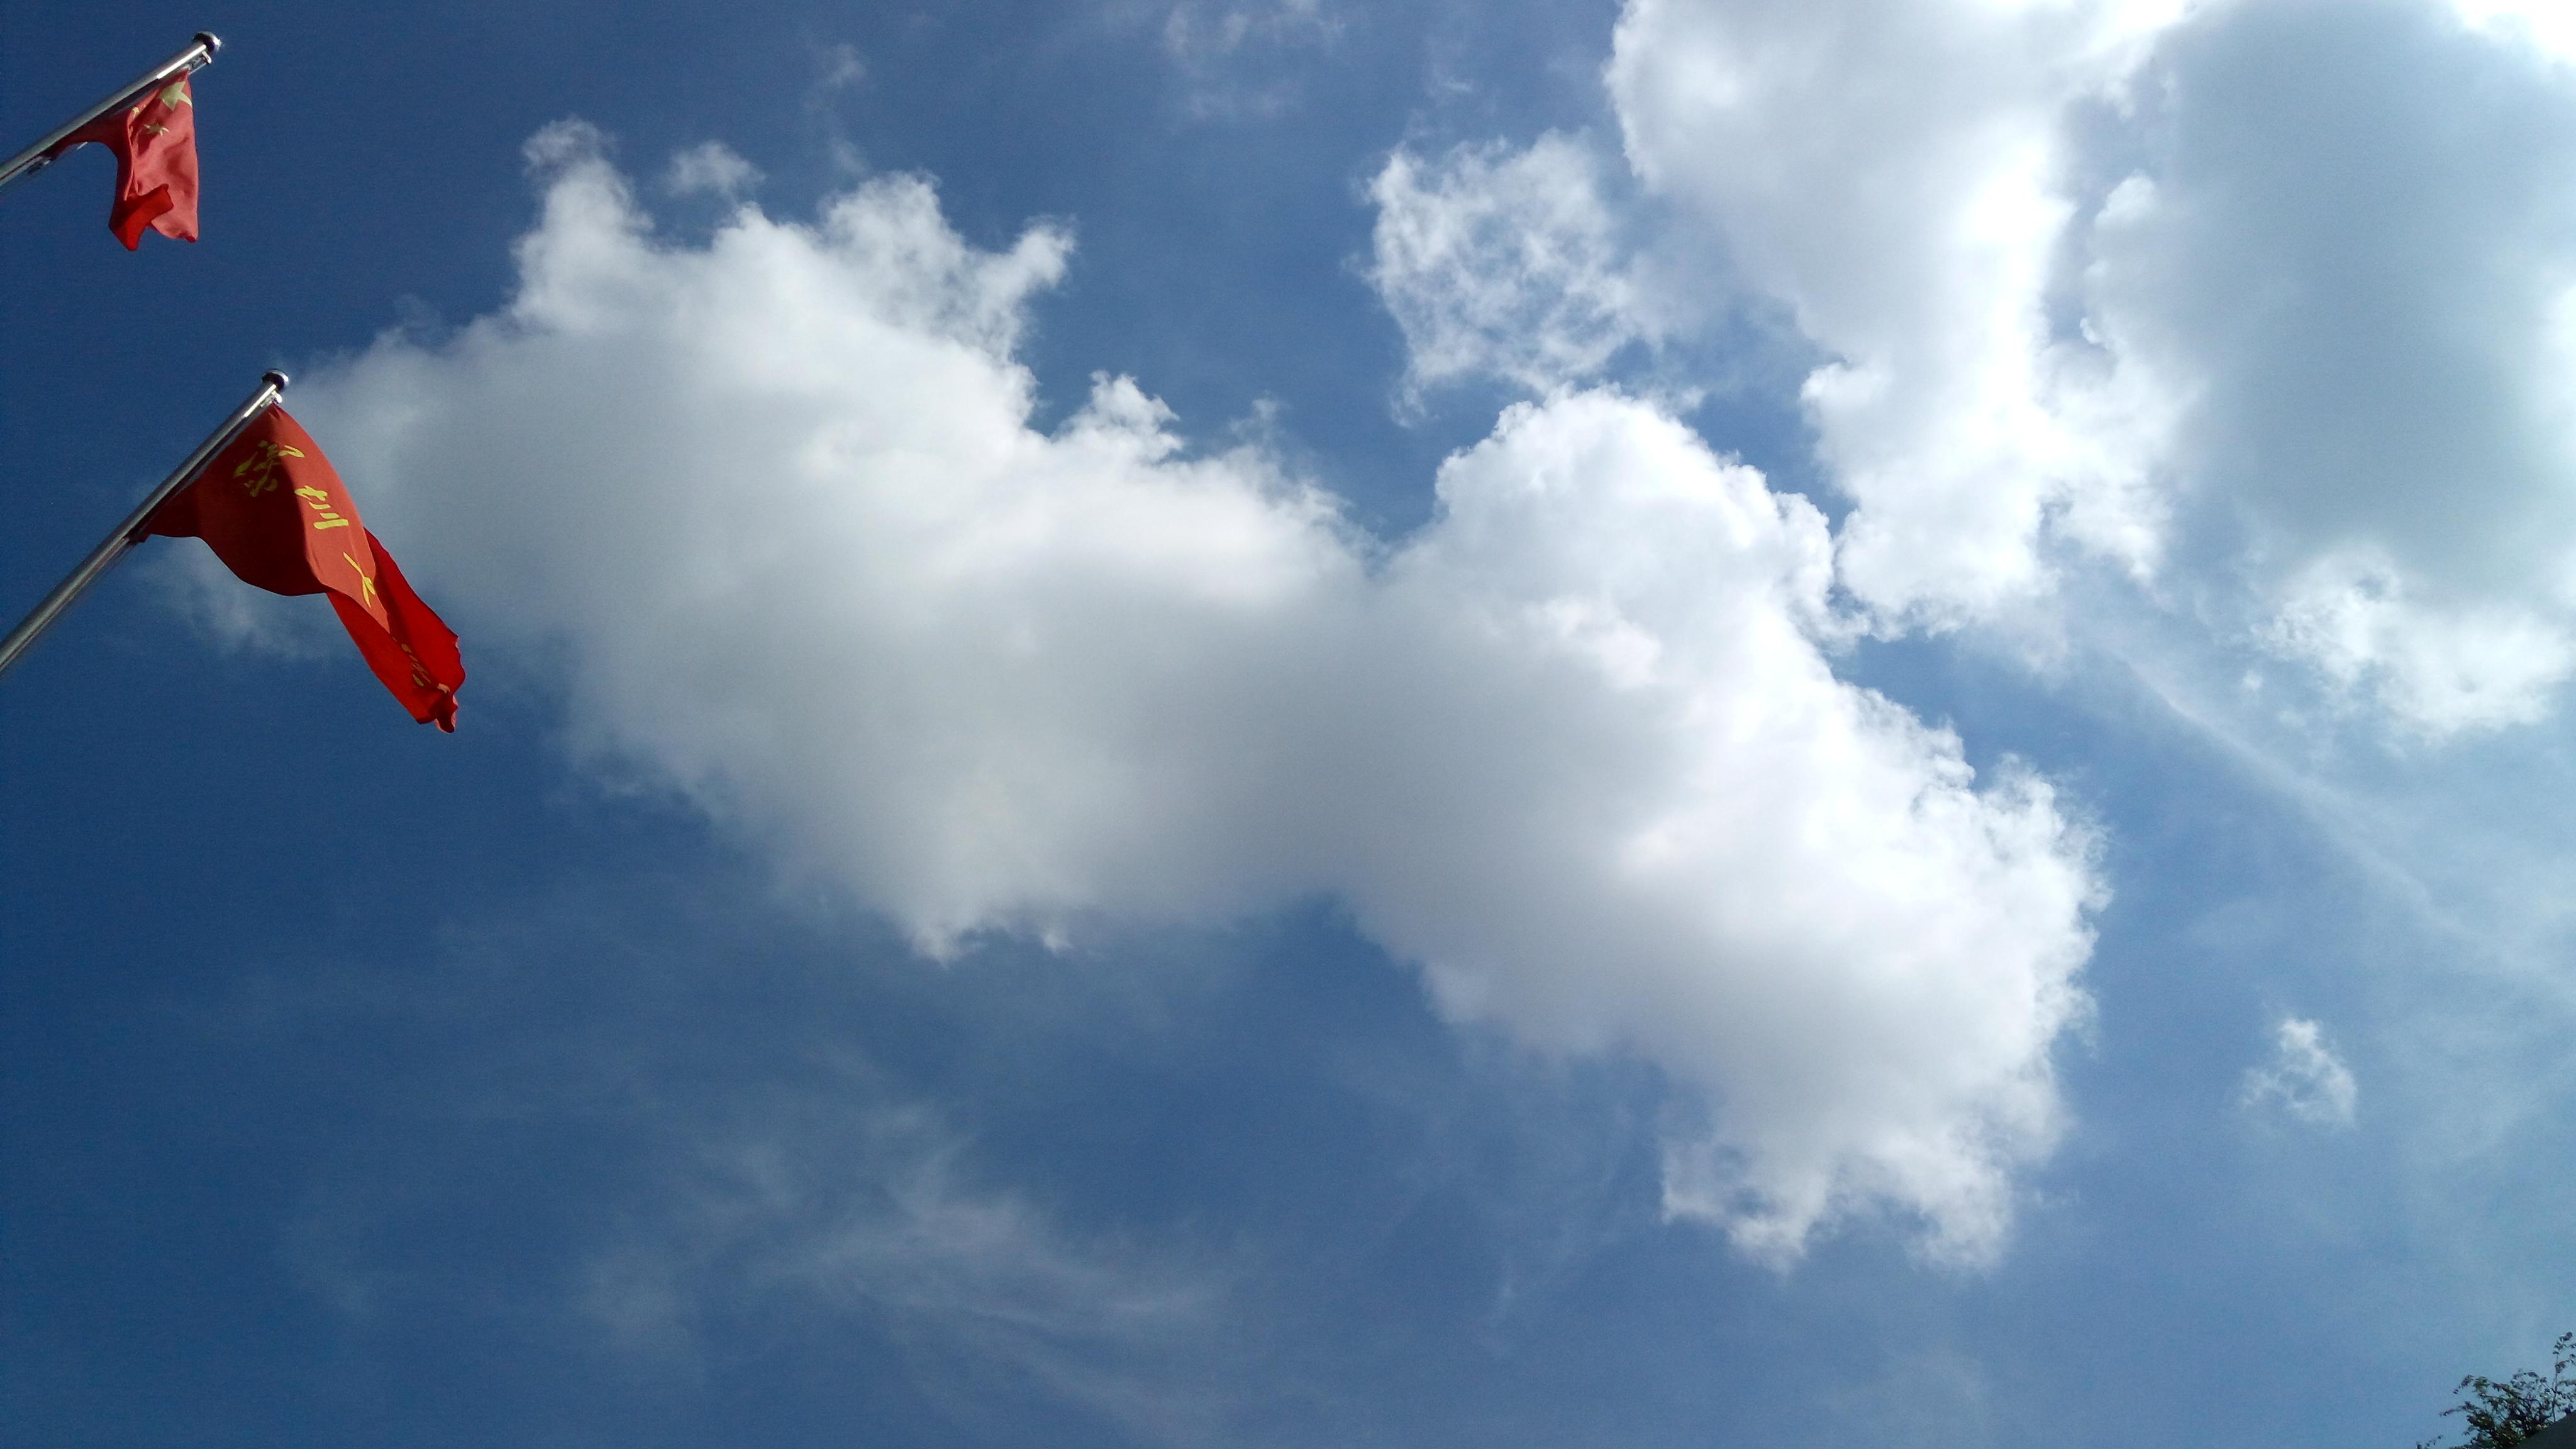 【毕业季的天空】-【随手拍】论坛-手机乐粉家-联想